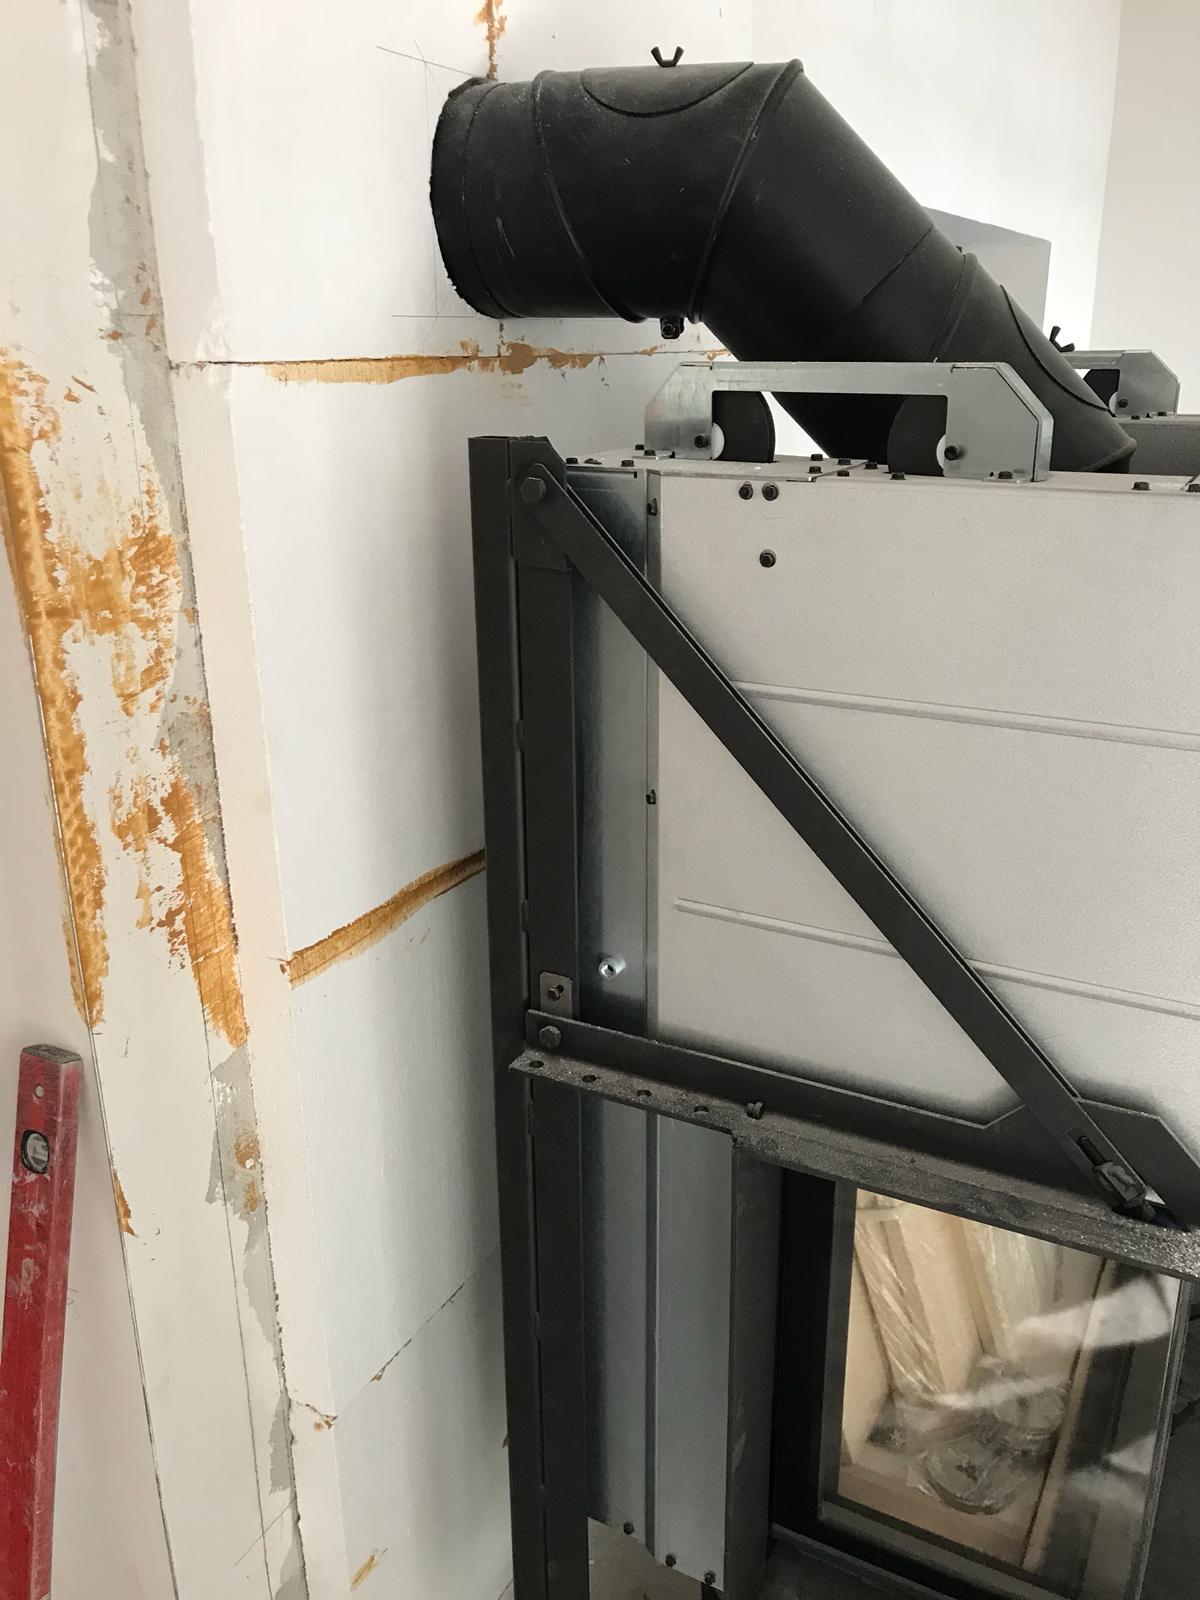 Die 60 mm Promasil Brandschutzplatten sind wurden mit Spezialkleber (1100°C hitzebeständig) vollflächig verklebt.